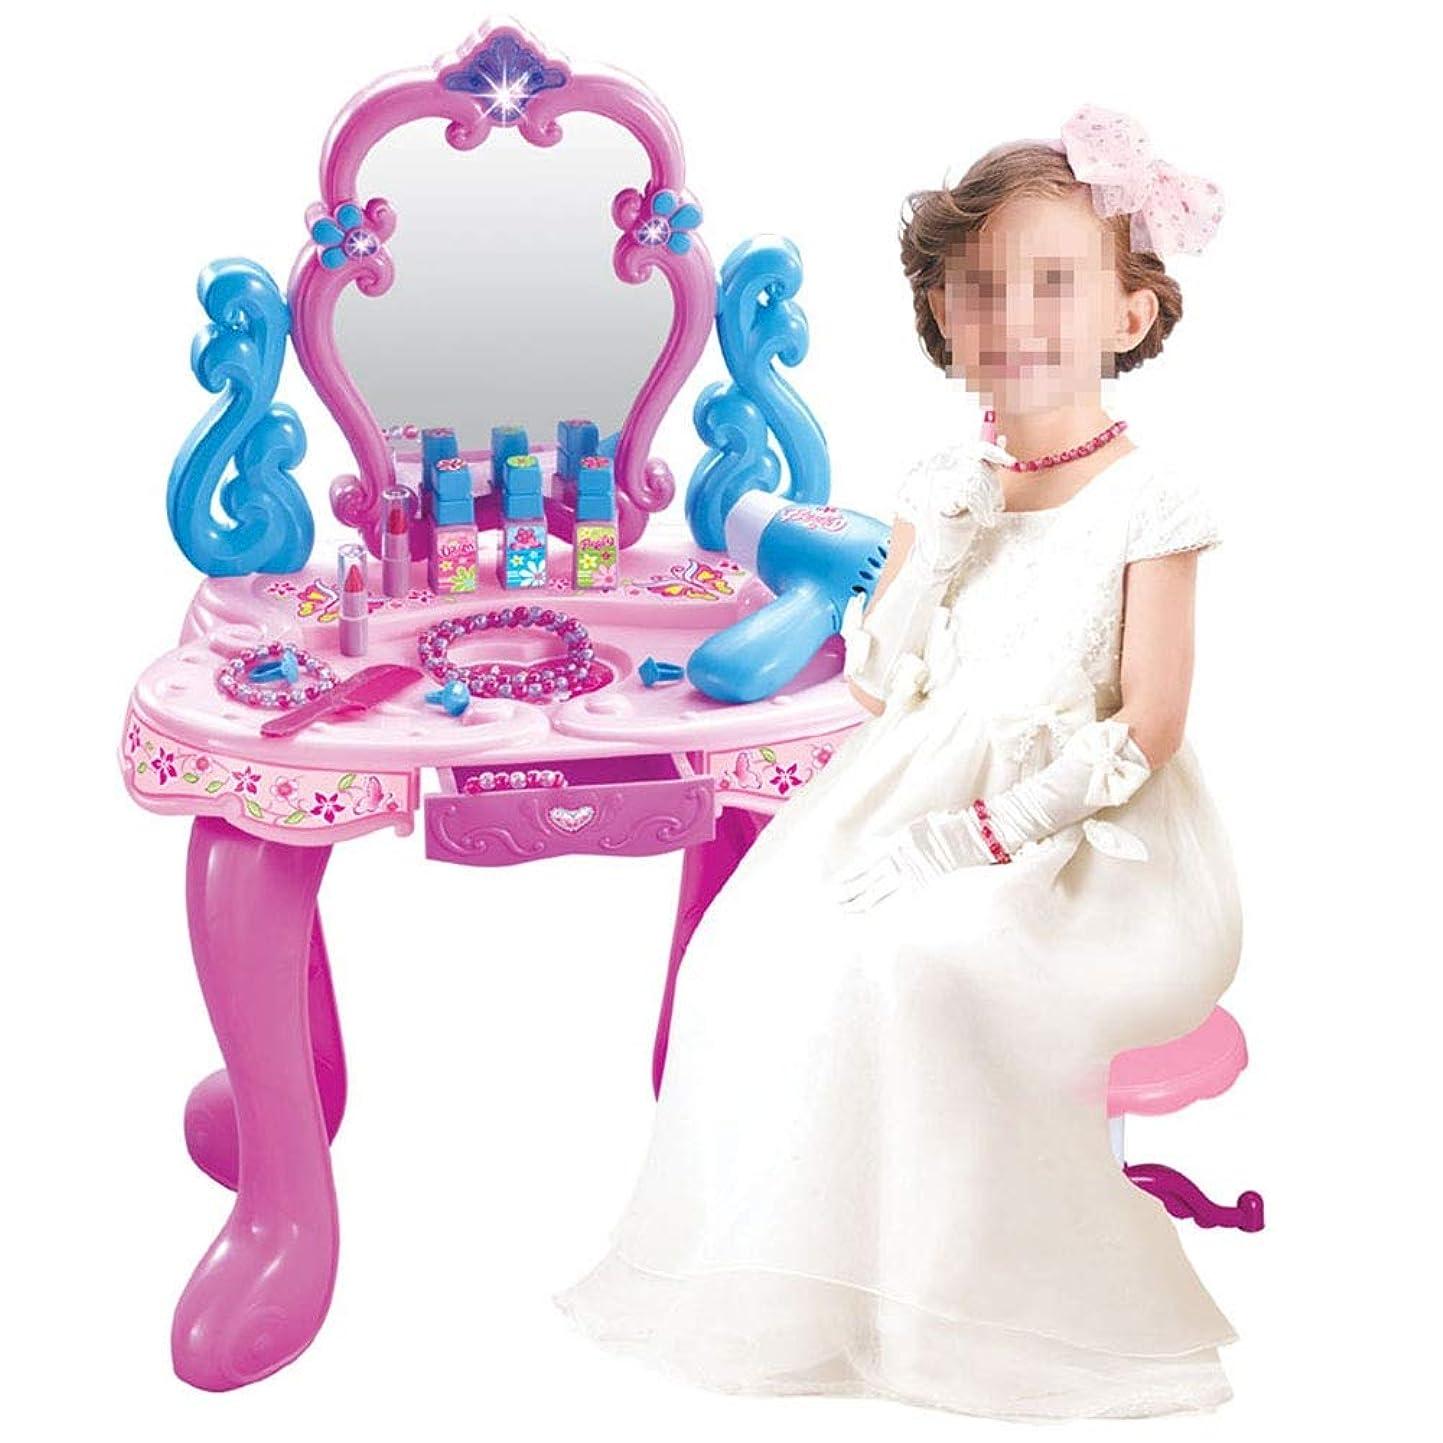 前者不器用隣人子供用化粧台玩具 幼児ファンタジーバニティビューティードレッサーテーブルプレイメイクアップアクセサリー子供とふりのおもちゃ ドレッサーのおもちゃ (色 : ピンク, サイズ : 70*30cm)